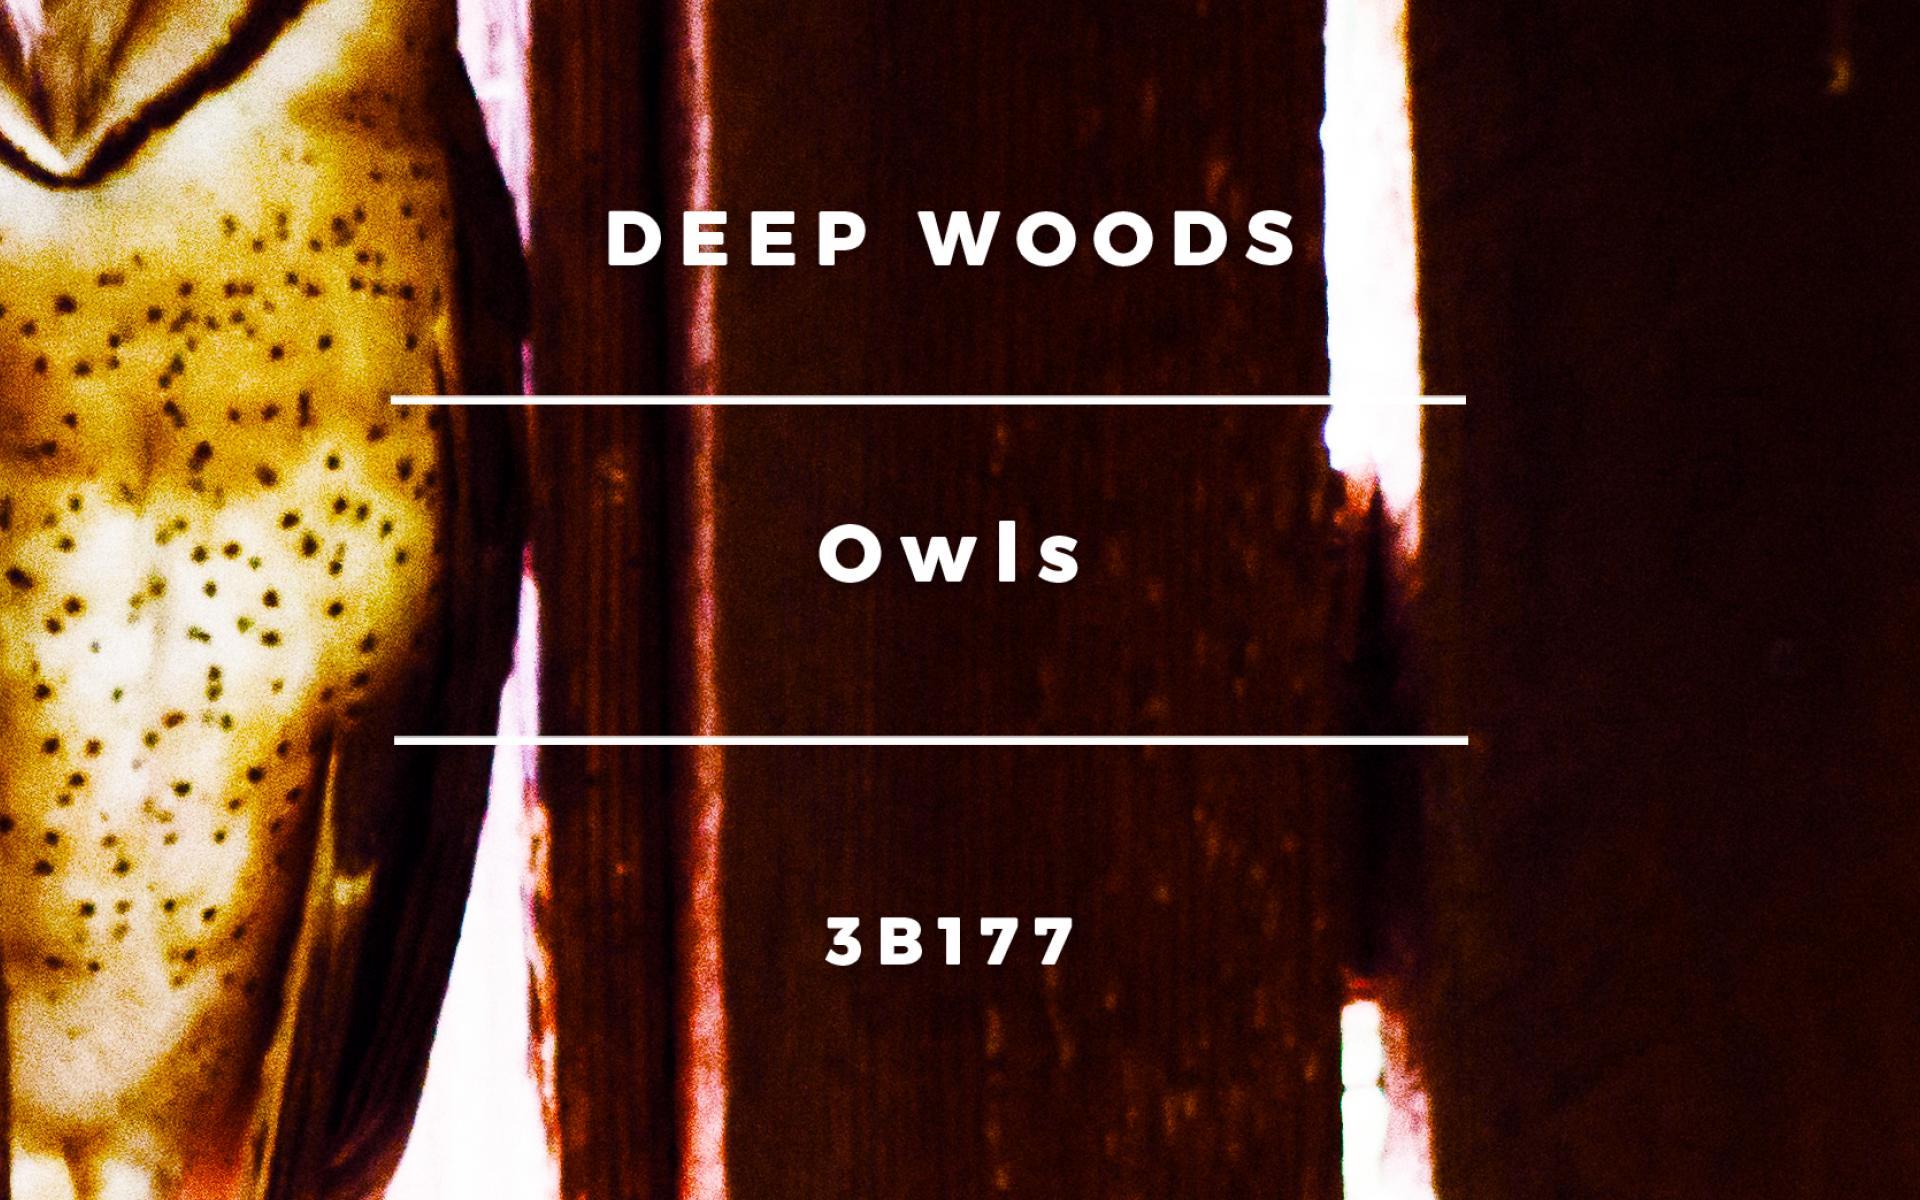 Deep Woods - Owls